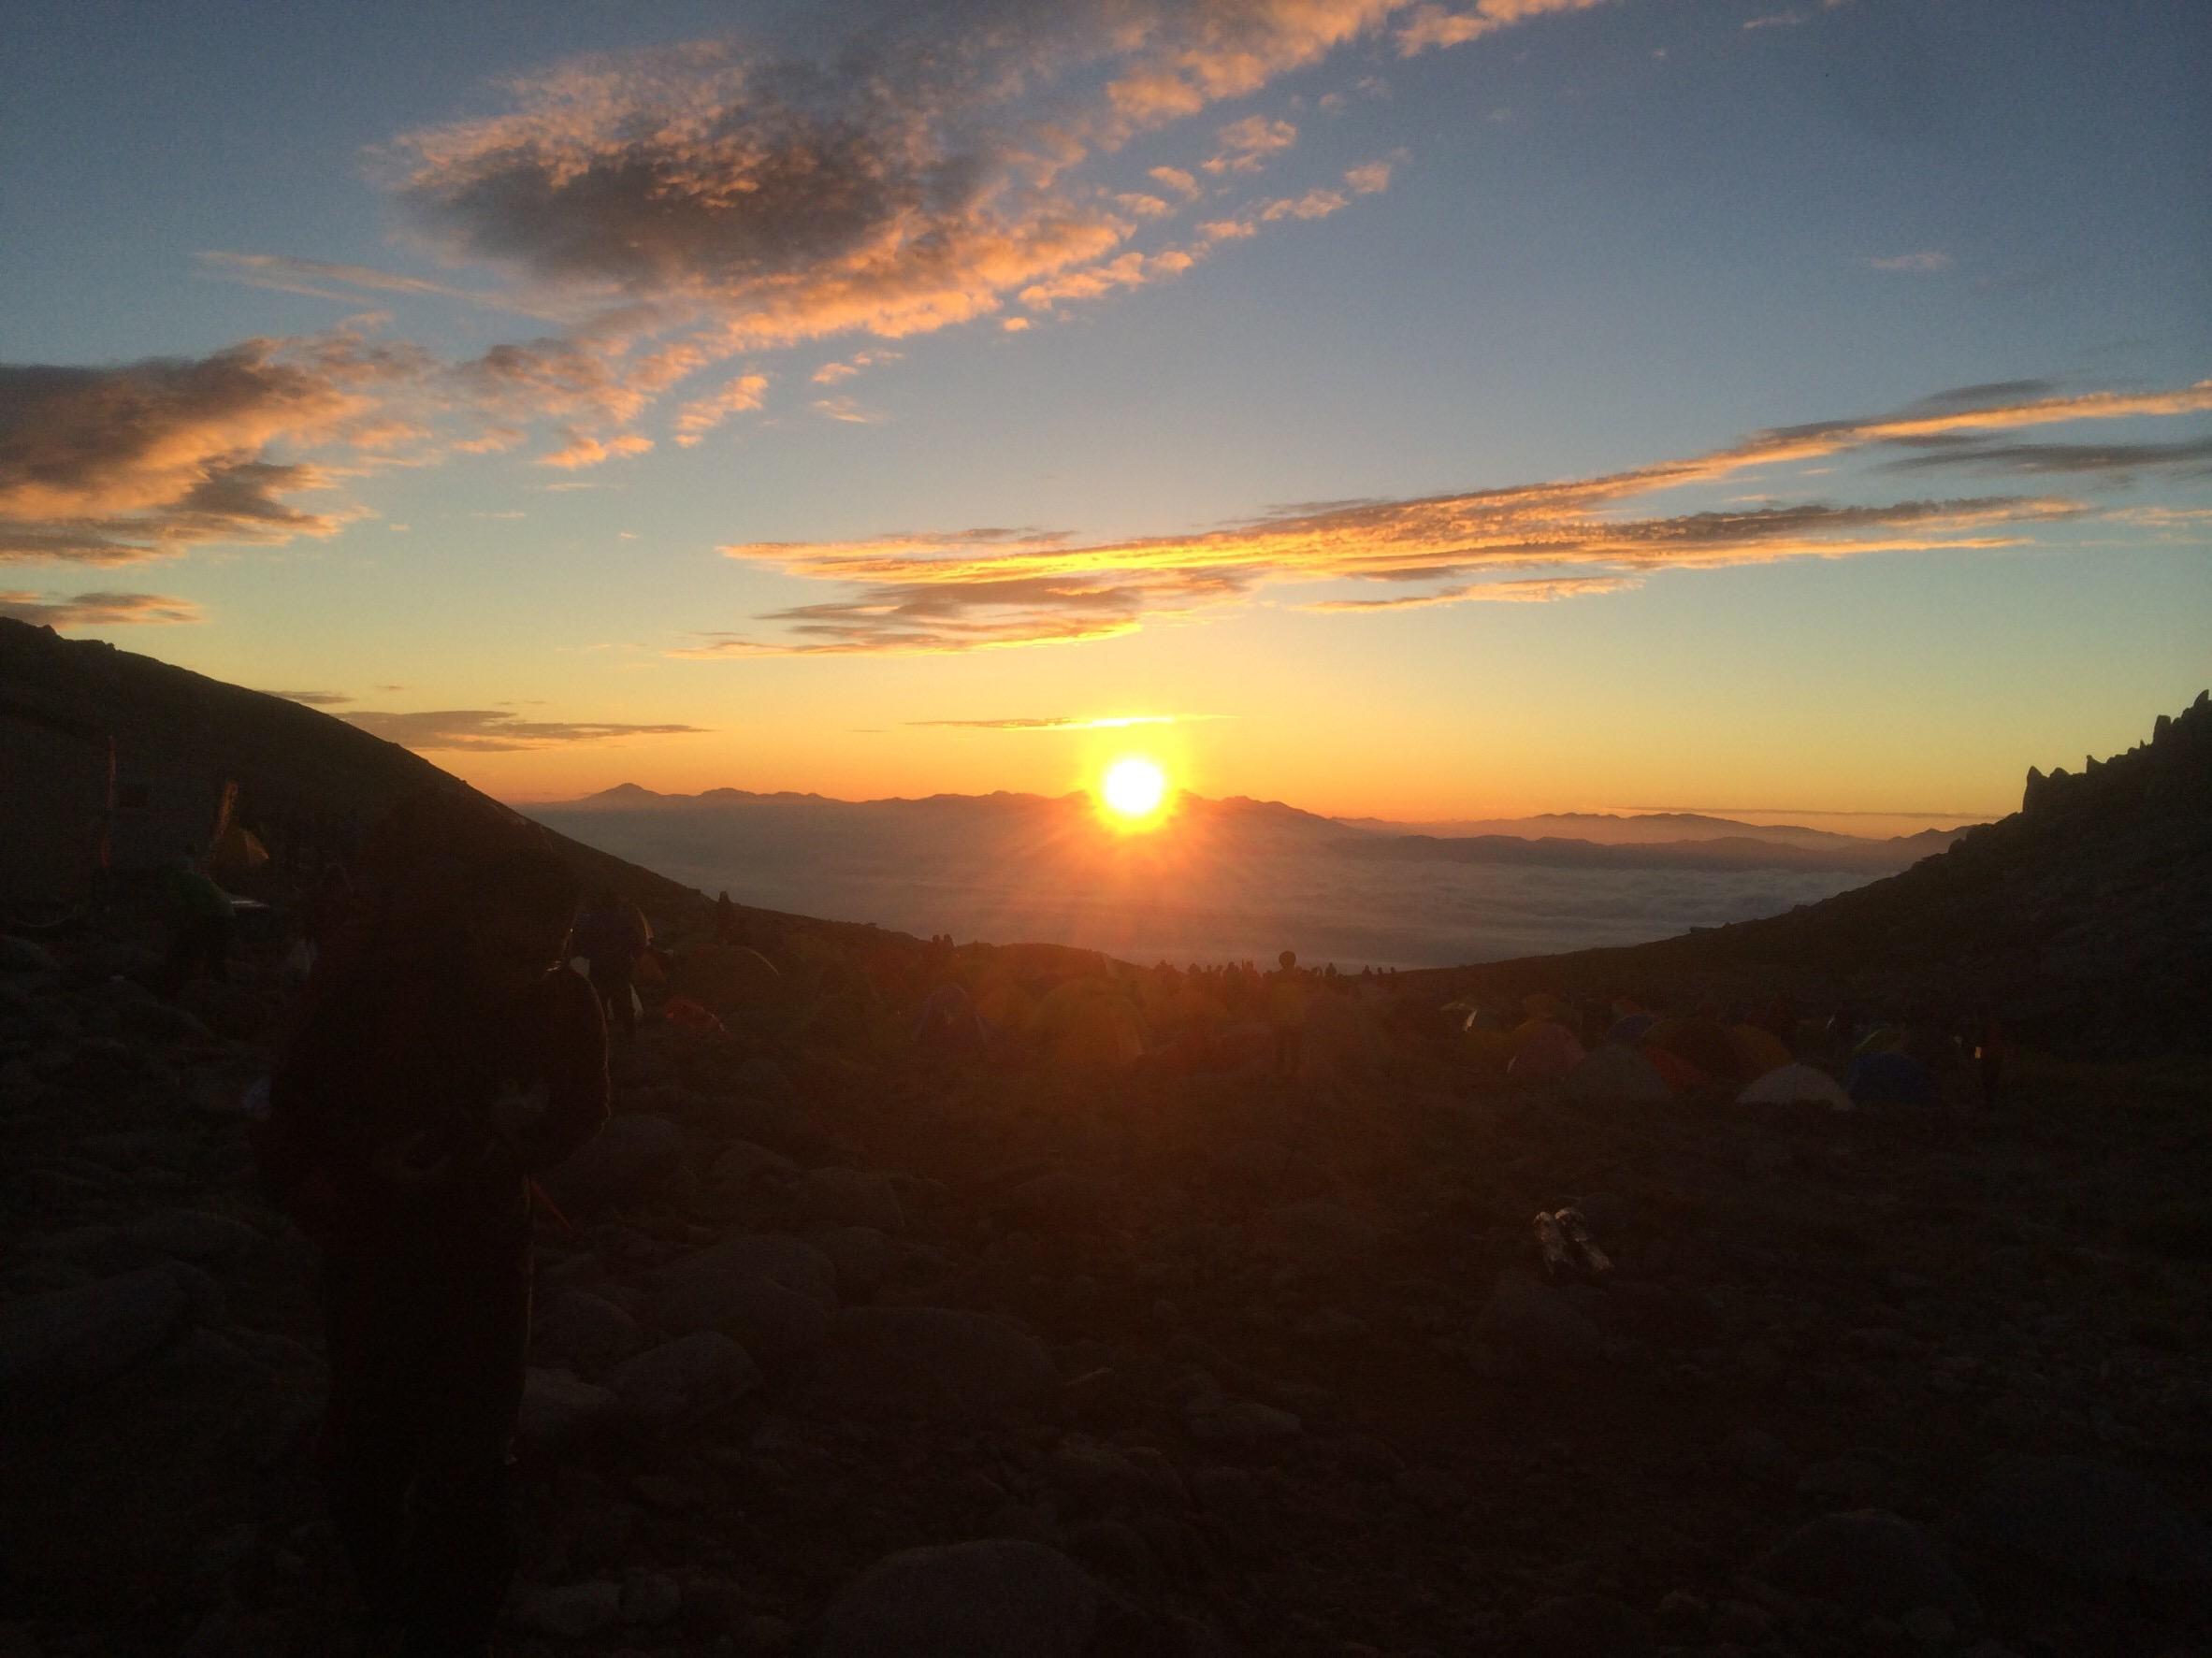 駒ヶ岳頂上山荘から見える朝日その3